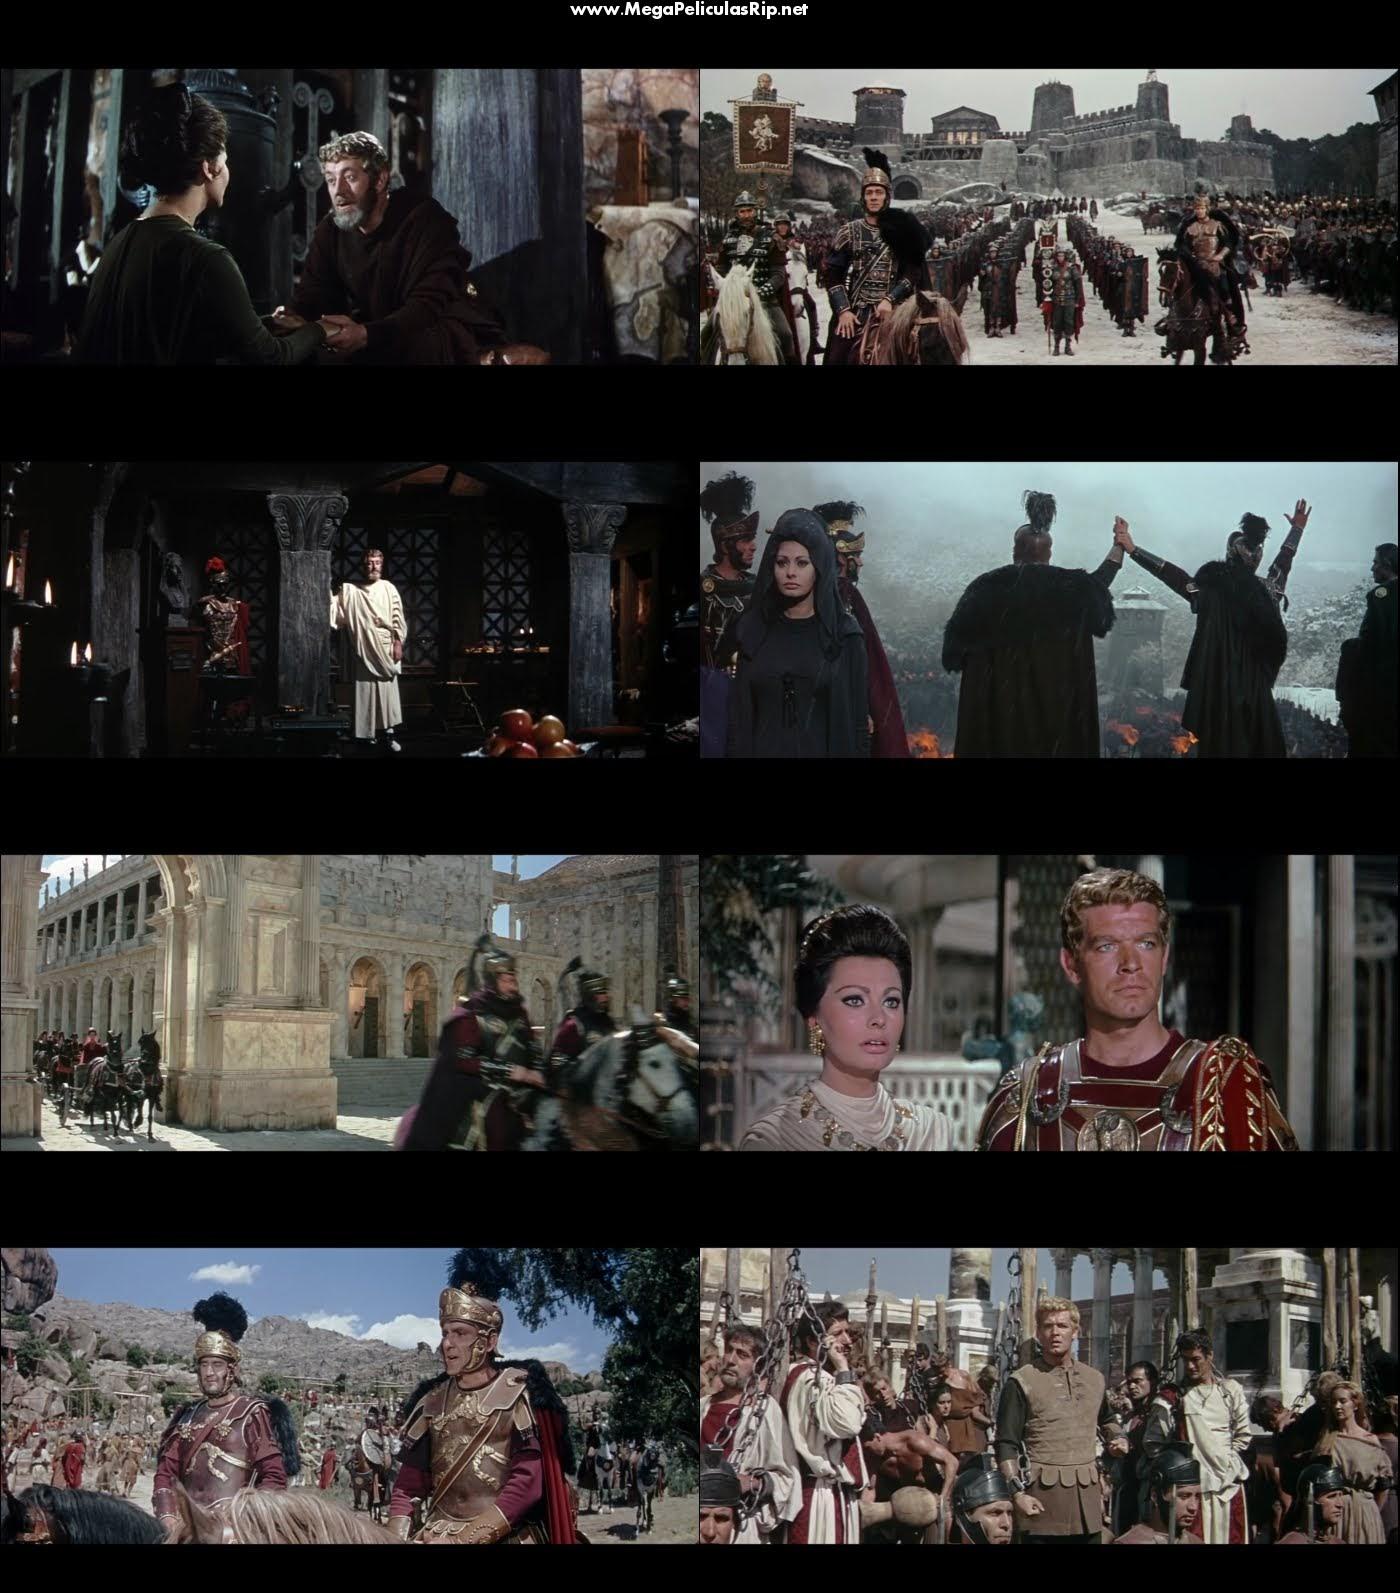 La Caida Del Imperio Romano 1080p